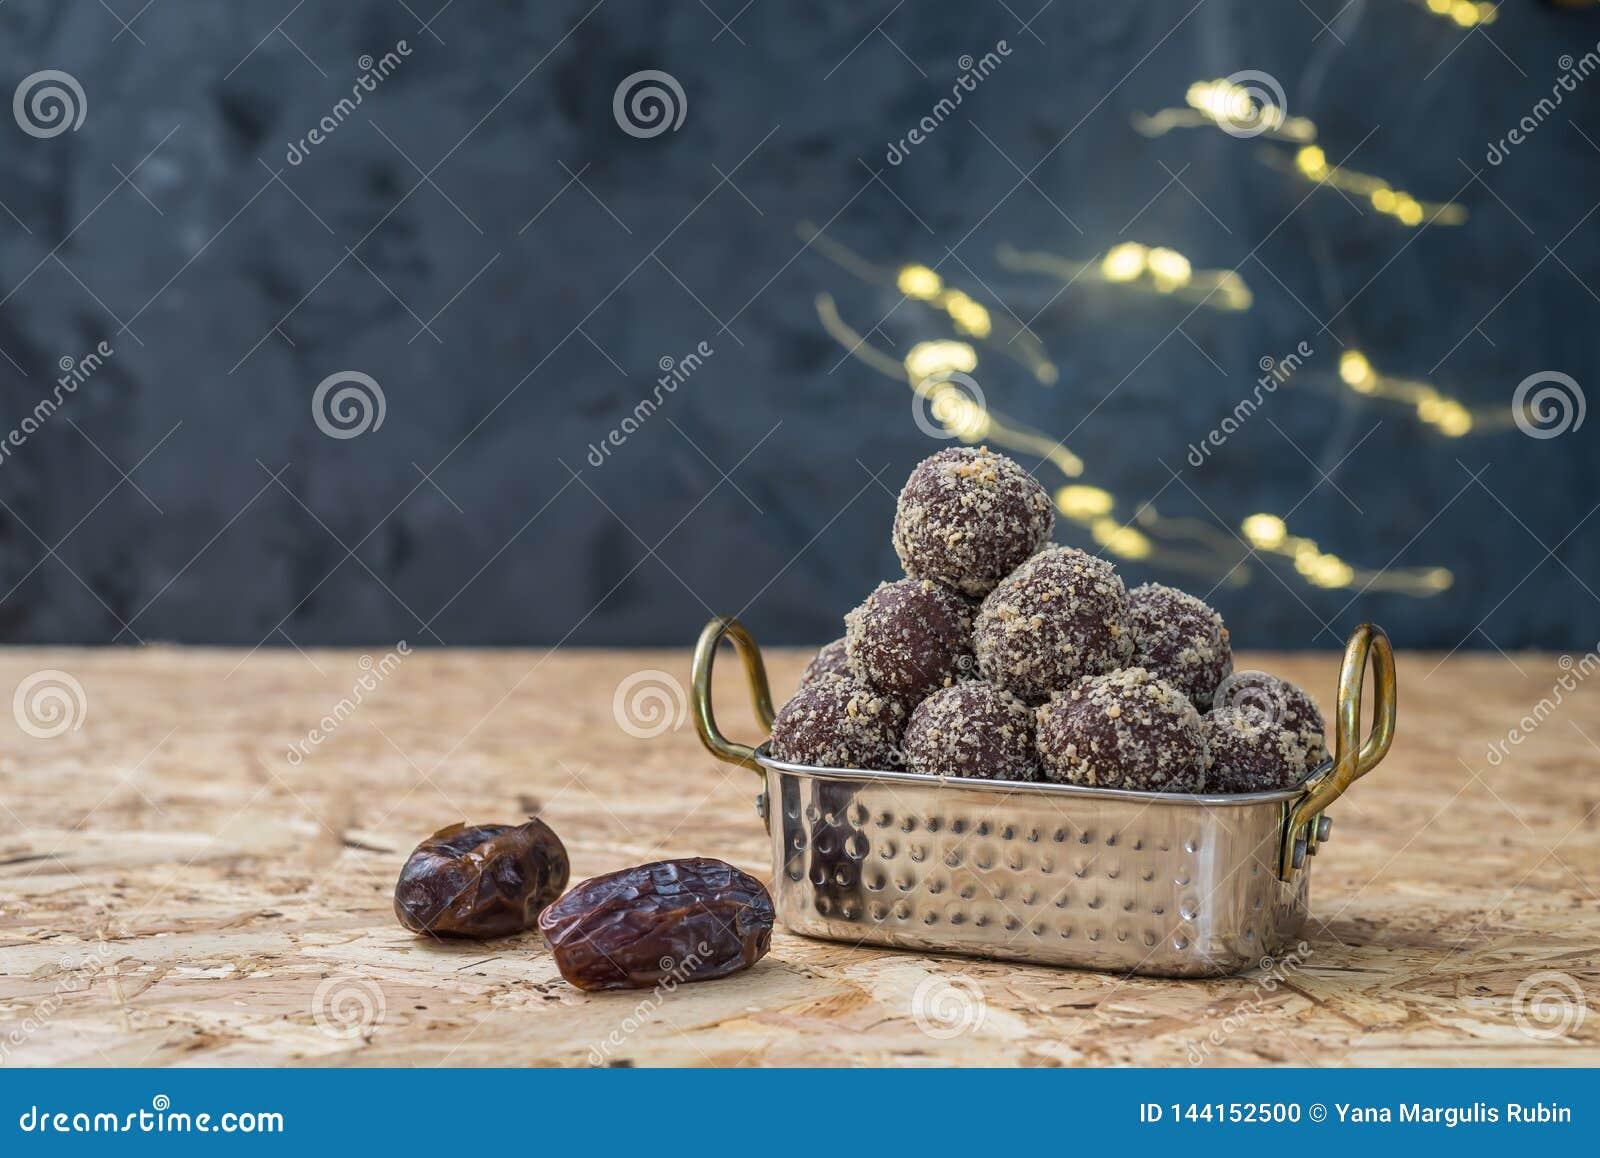 Даты и шарики или укусы энергии овсяной каши отсутствие повара